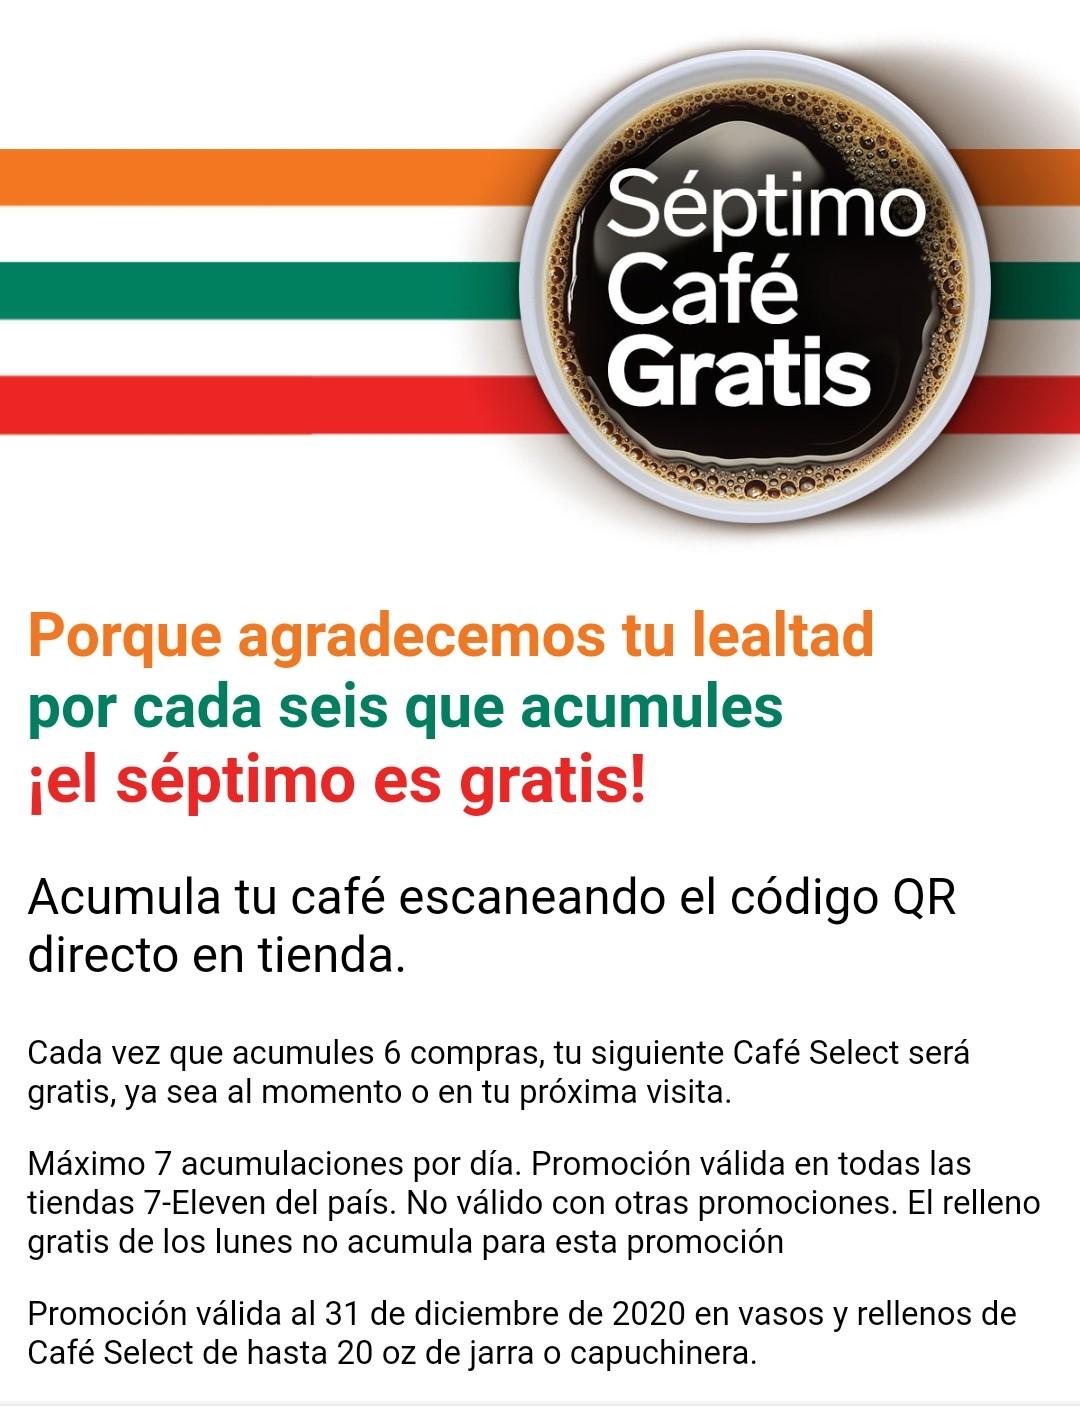 7 eleven-nuevo cupon del septimo café gratis 2020